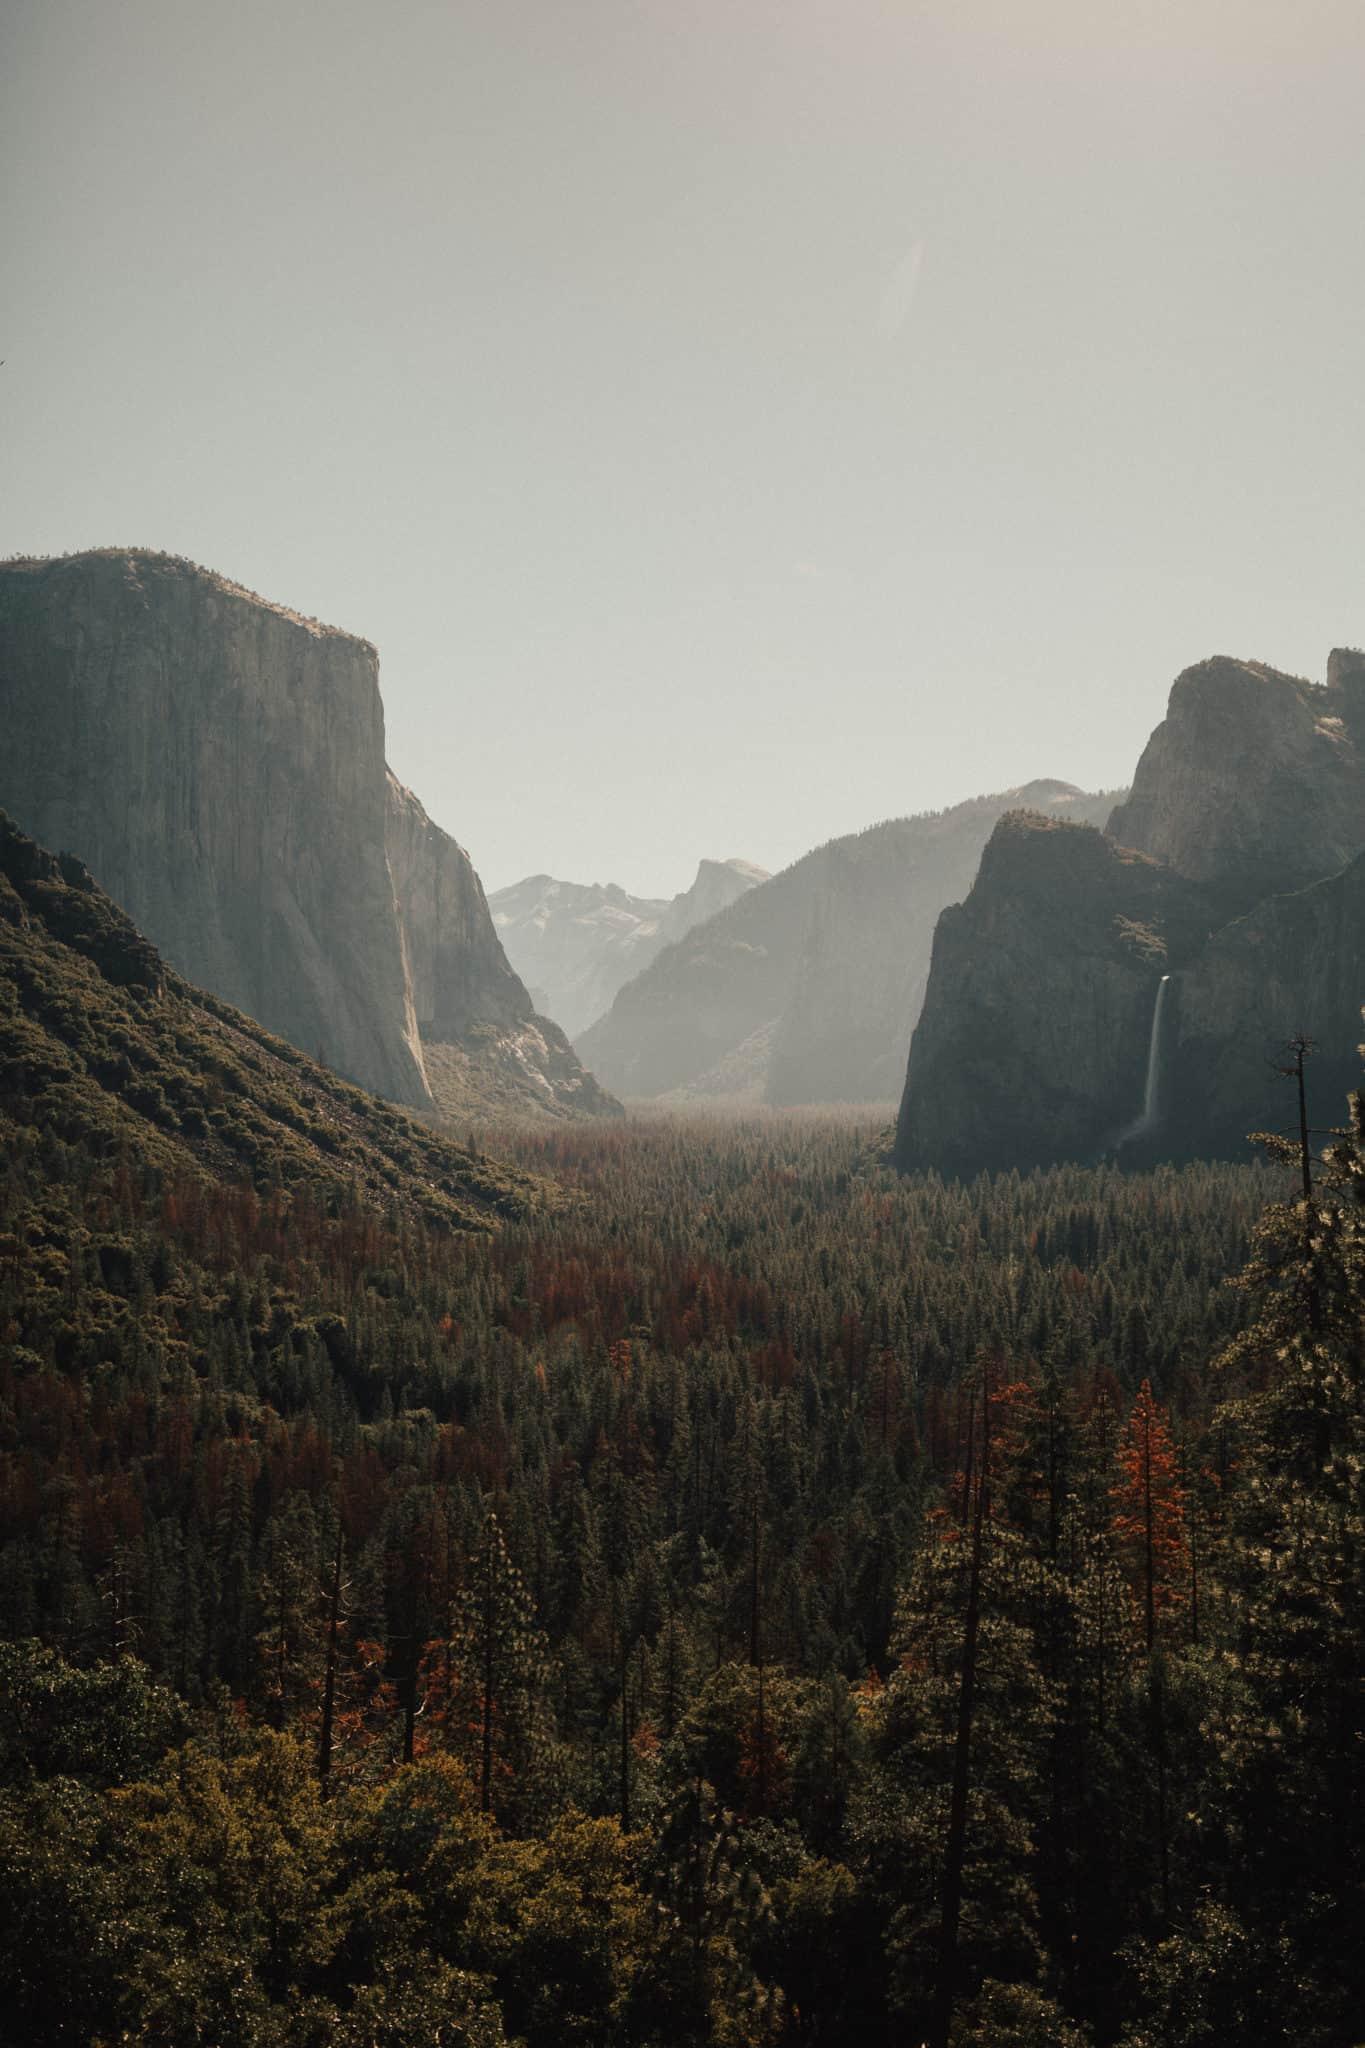 Tunnel View, Yosemite National Park - TheMandagies.com - @themandagies